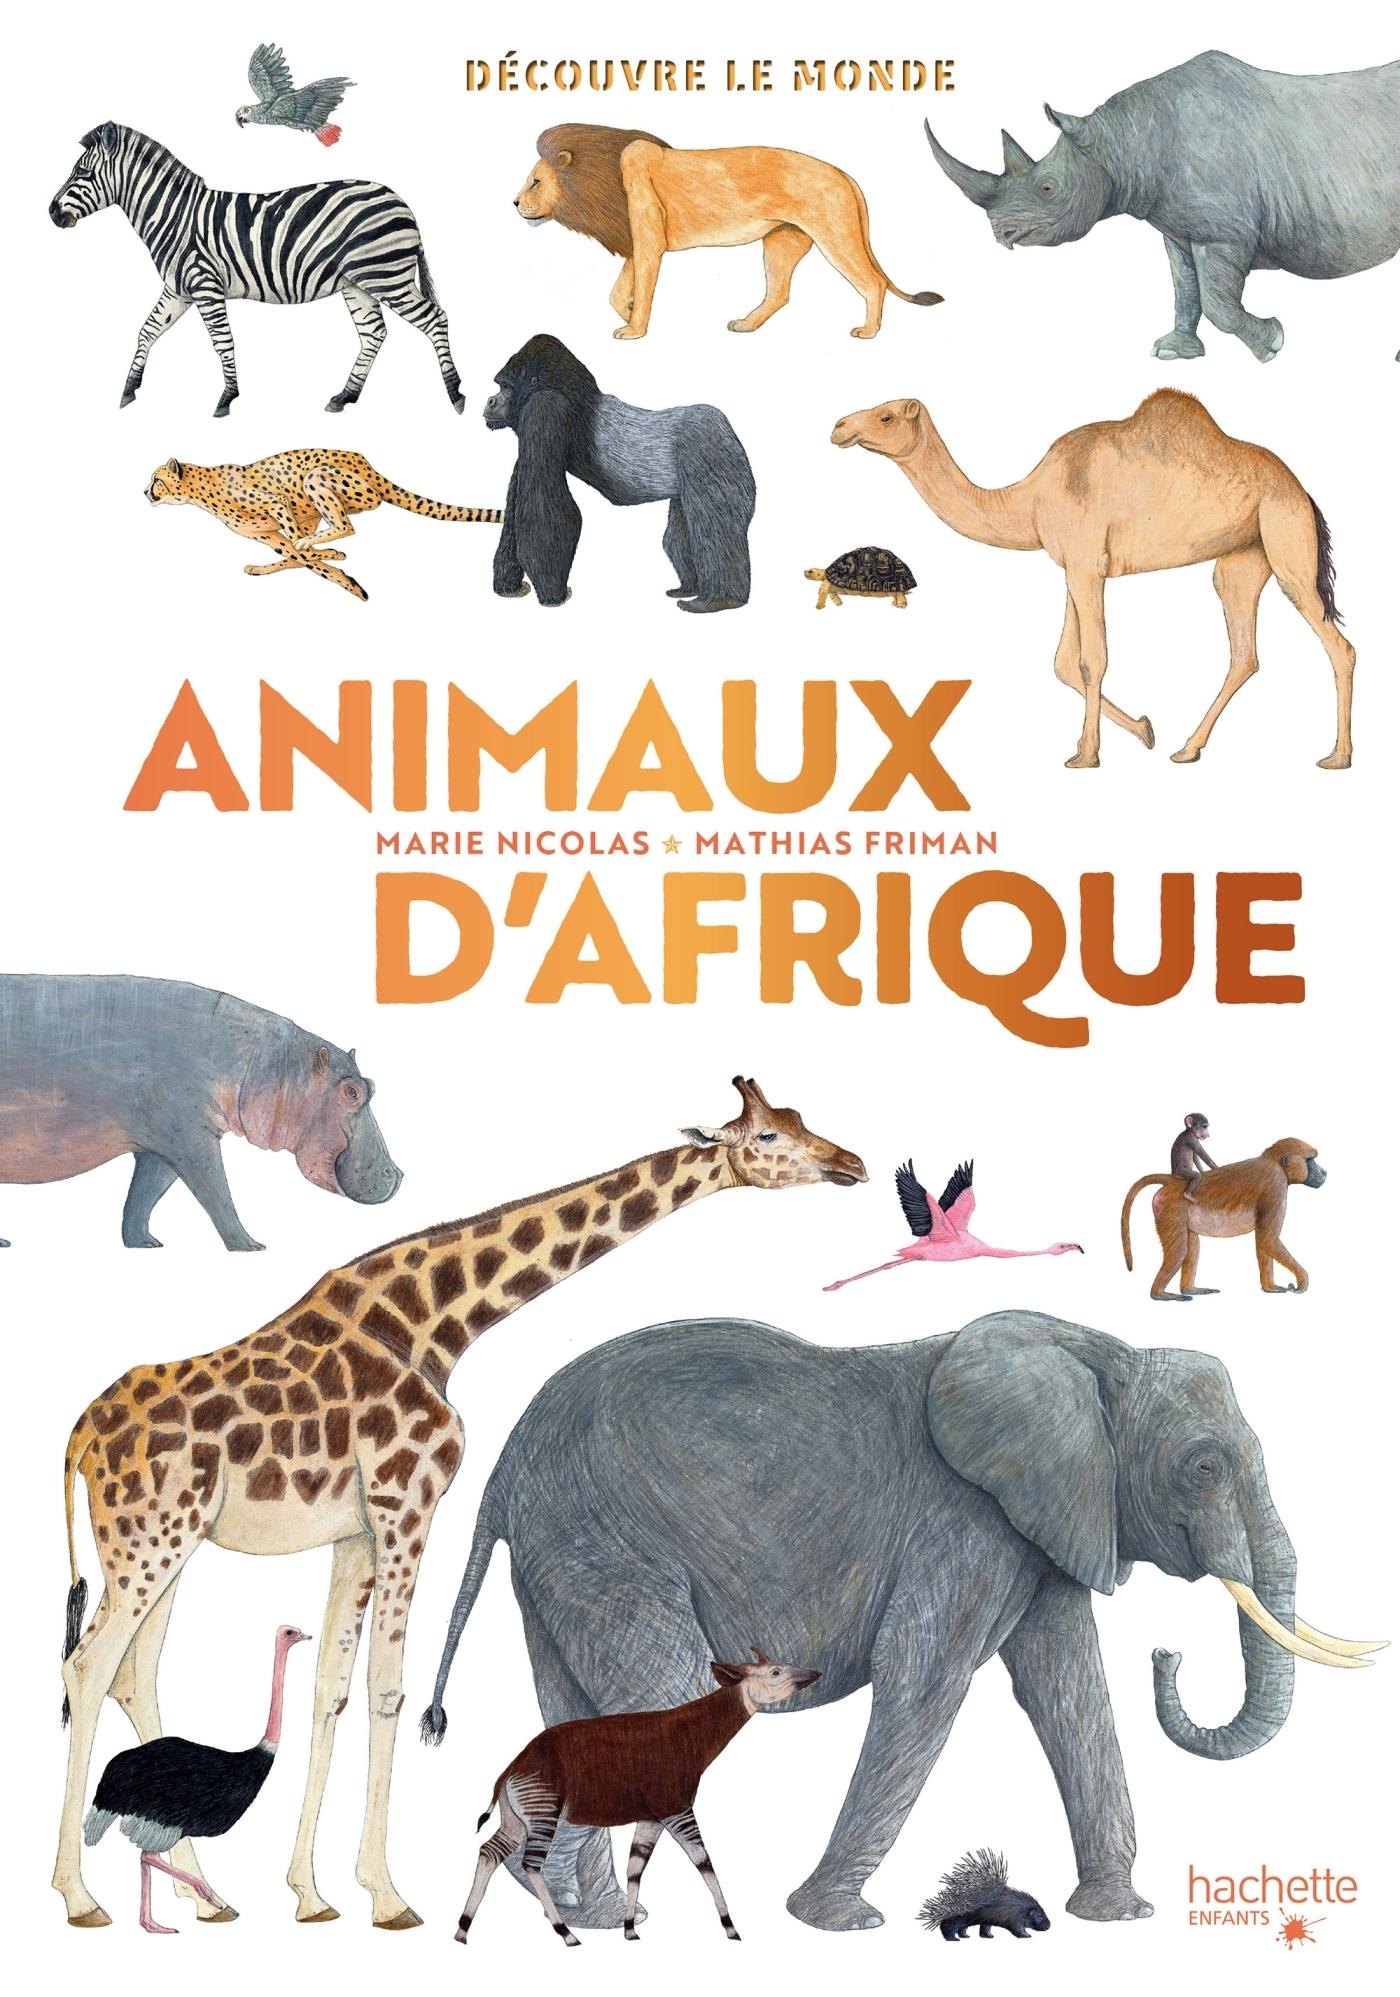 DECOUVRE LE MONDE - ANIMAUX D'AFRIQUE